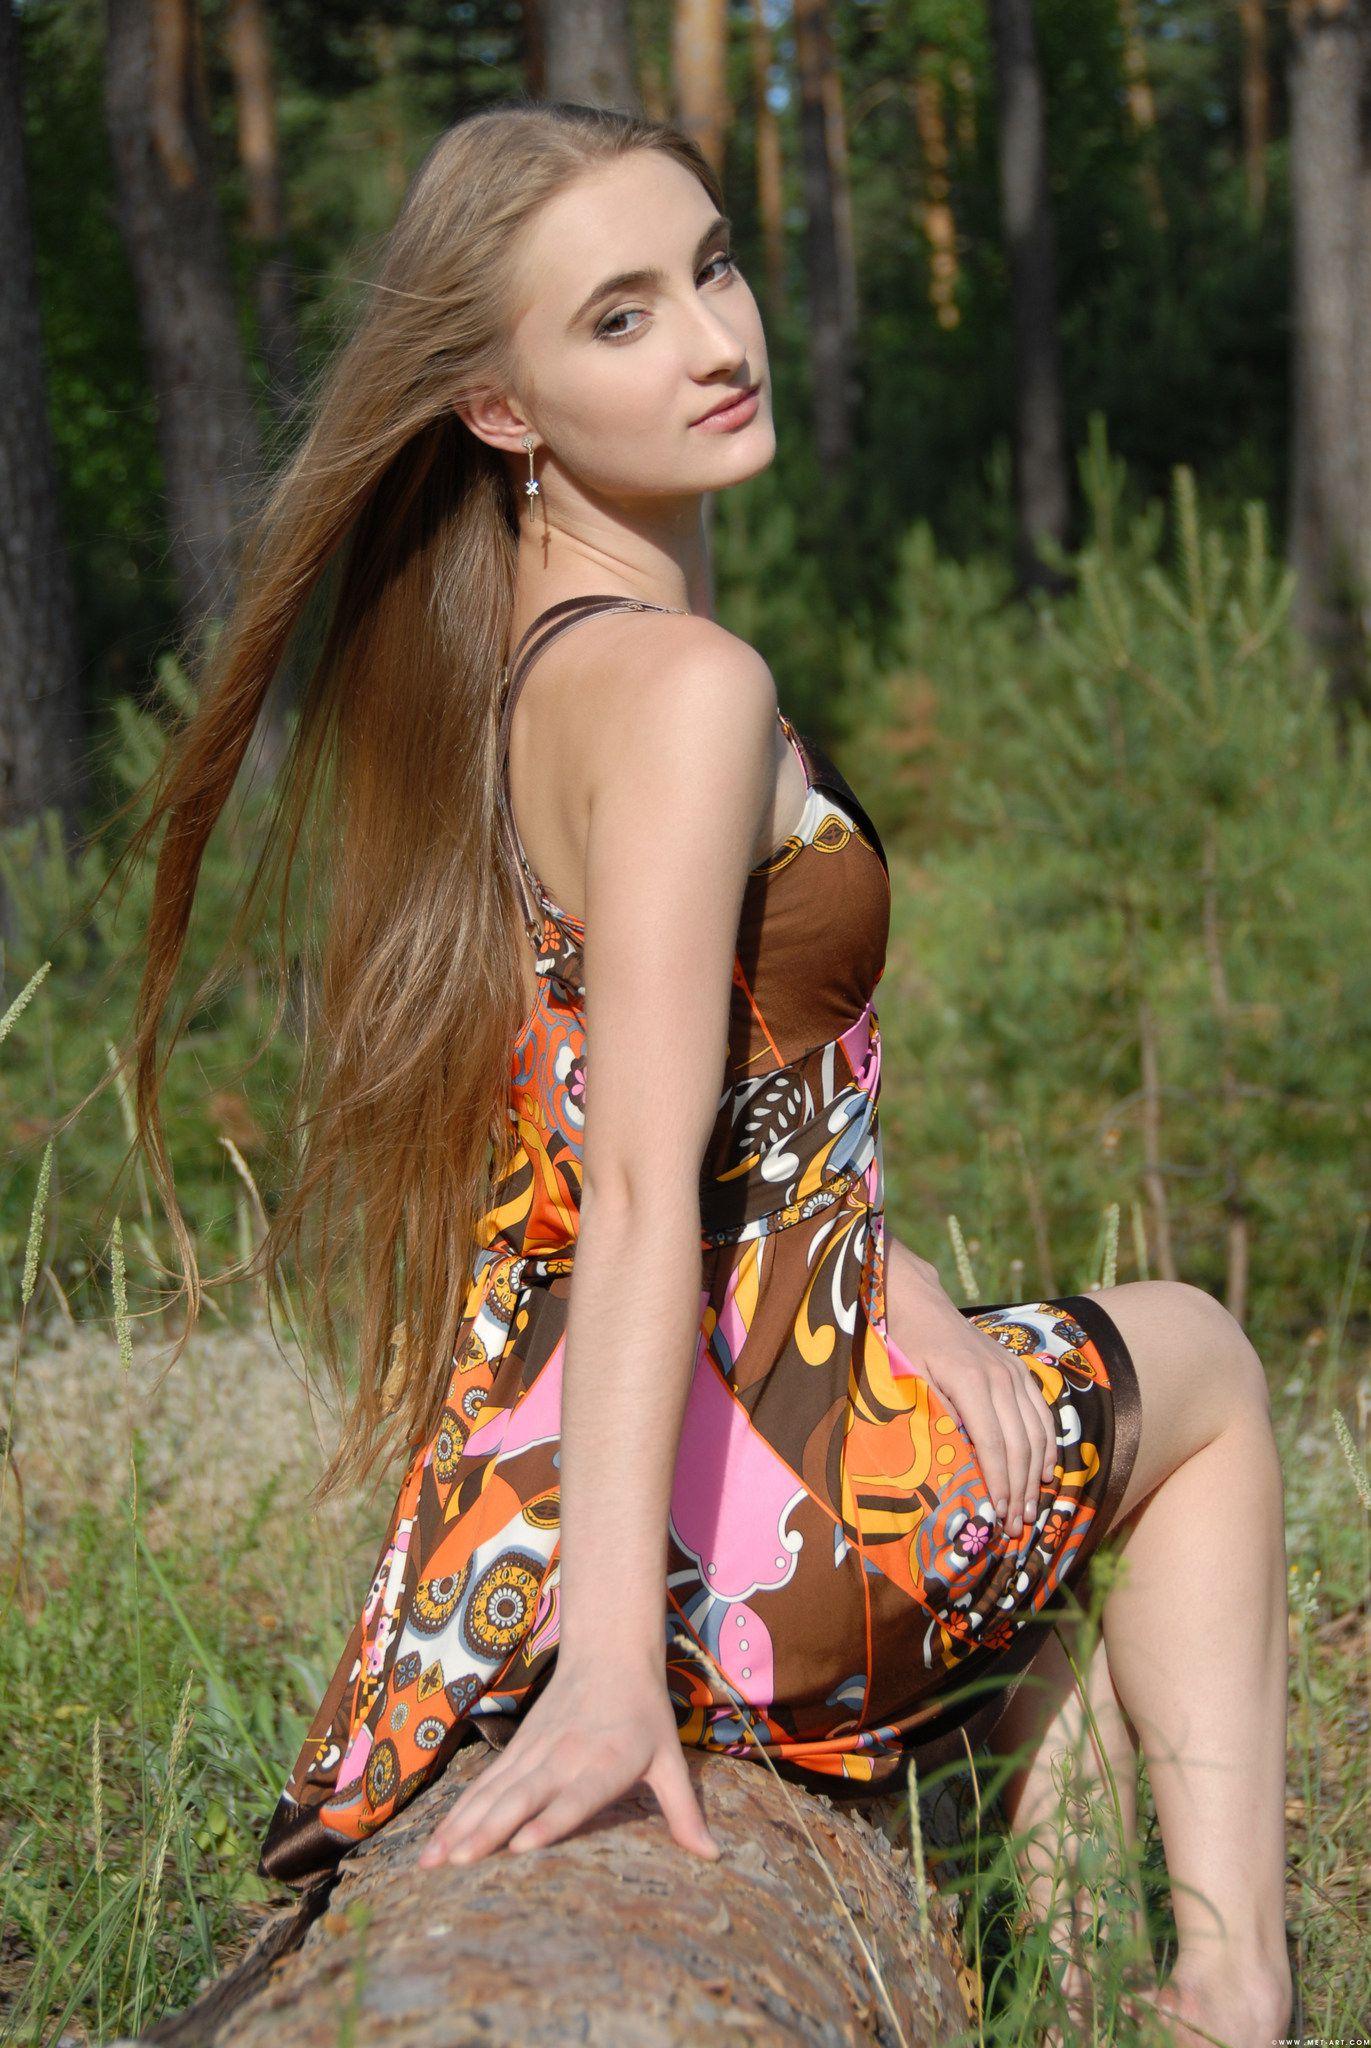 Секс сучка таджикистан 18 фотография